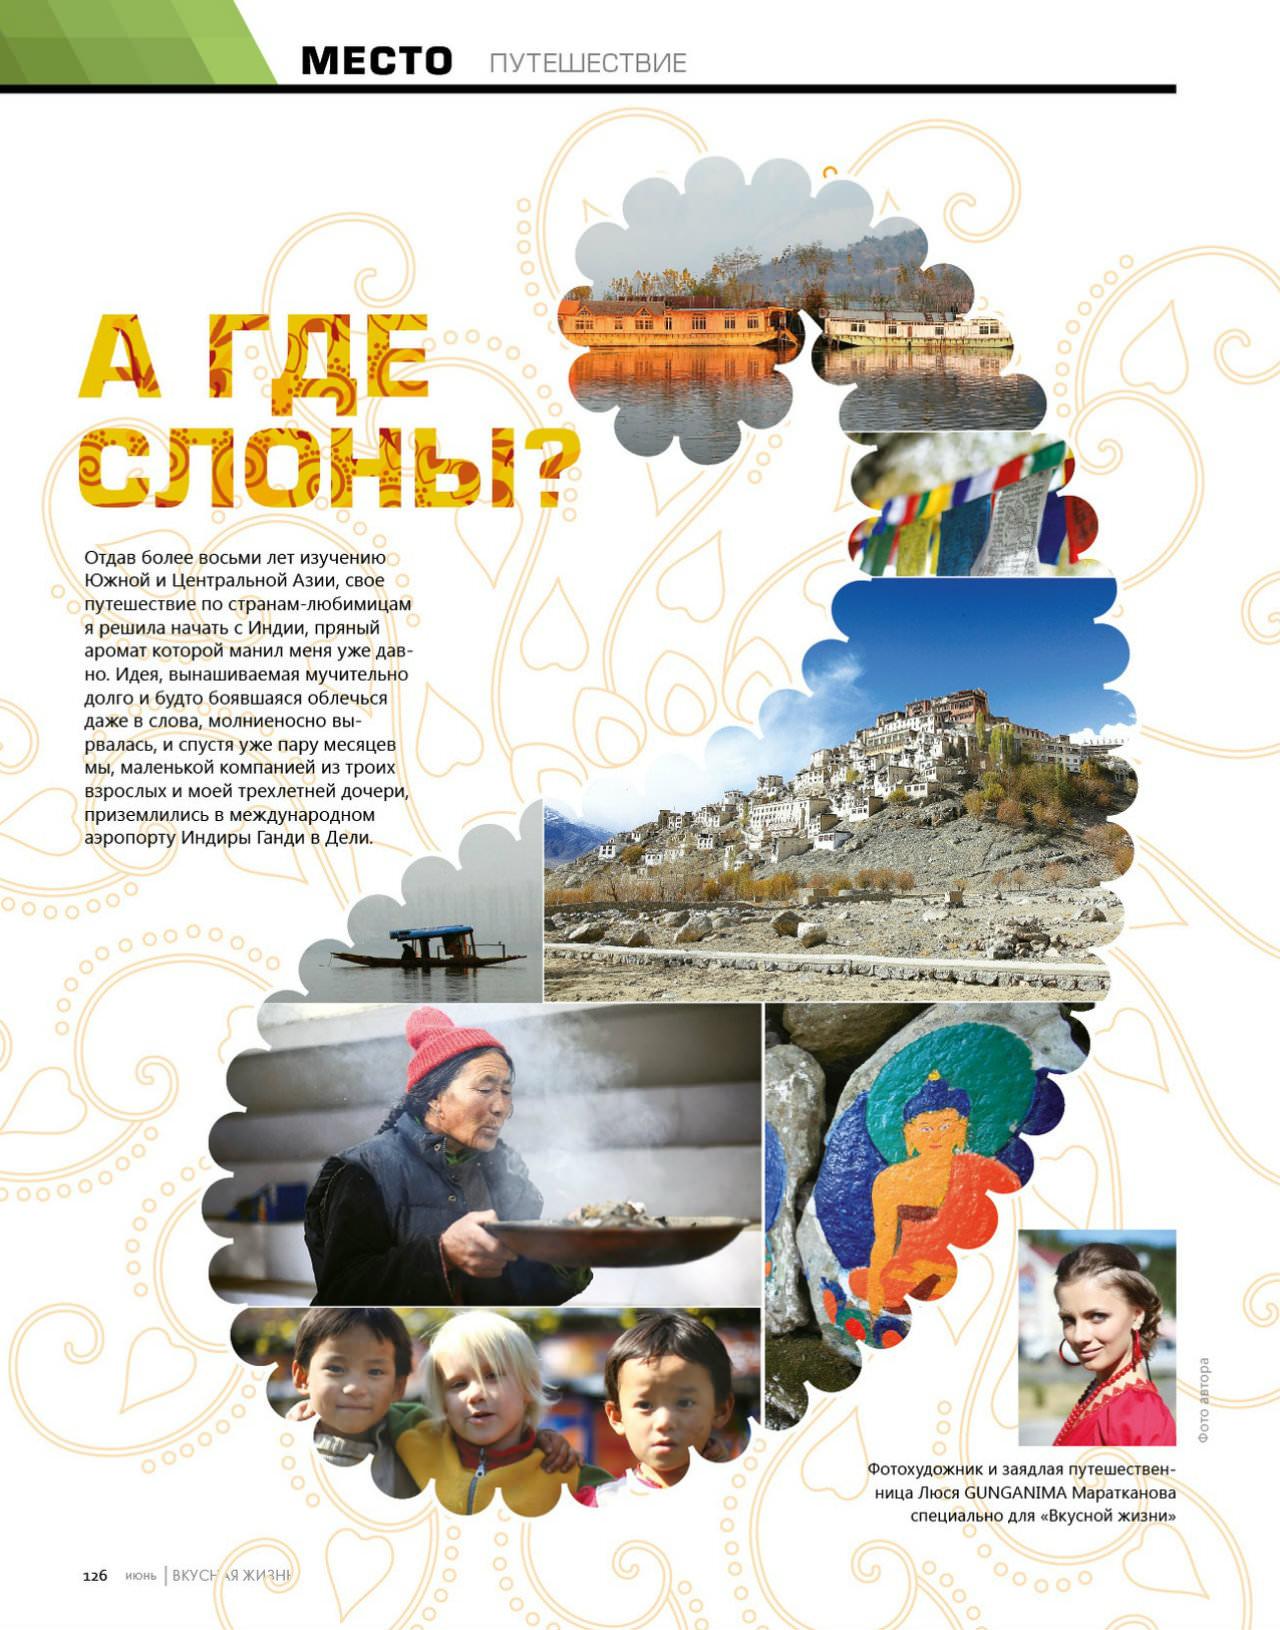 статья в журнале Вкусная жизнь июнь 2011